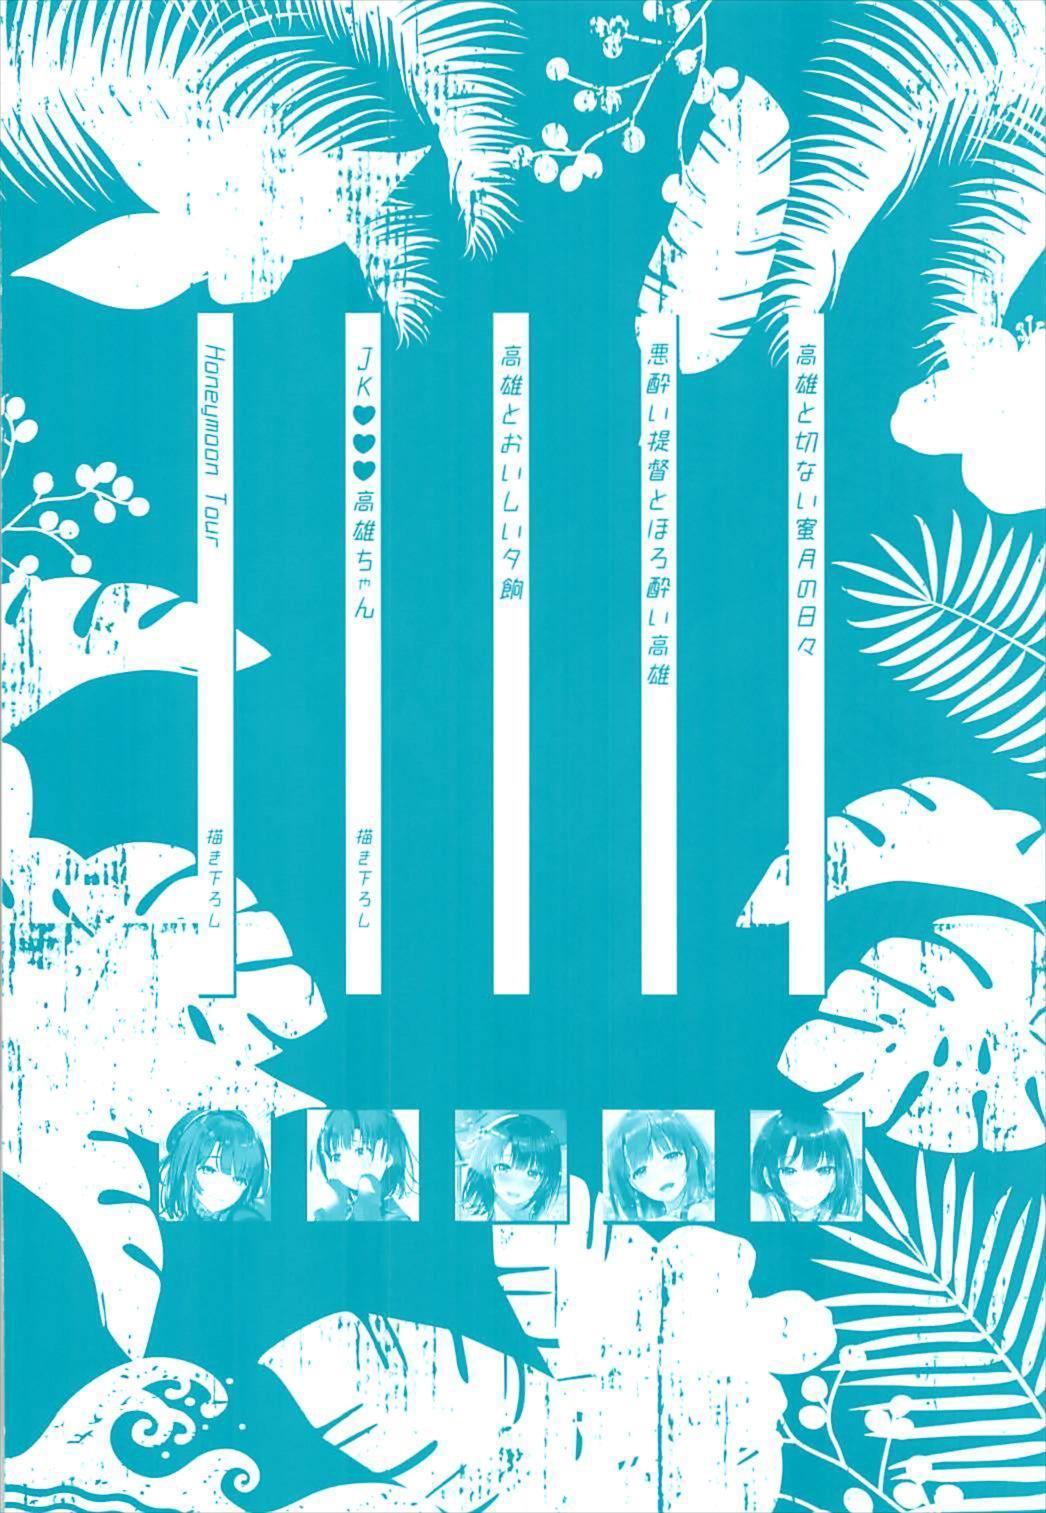 Takao Collection Kai Honeymoon Tour 1